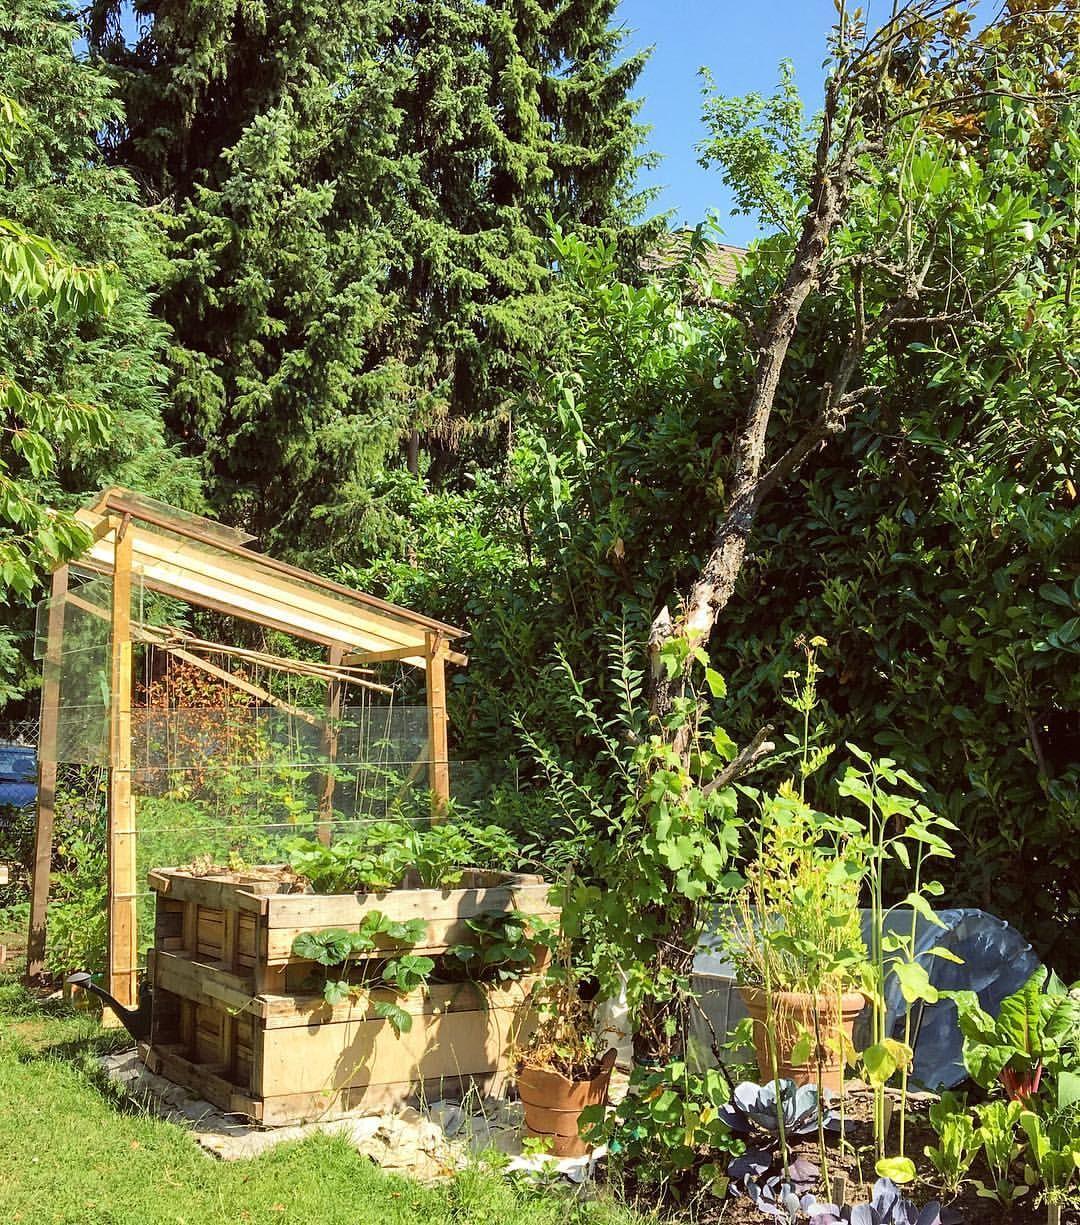 Und Im Tomatenhaus Und Hochbeet Wachst Noch Viel Mehr Leckeres